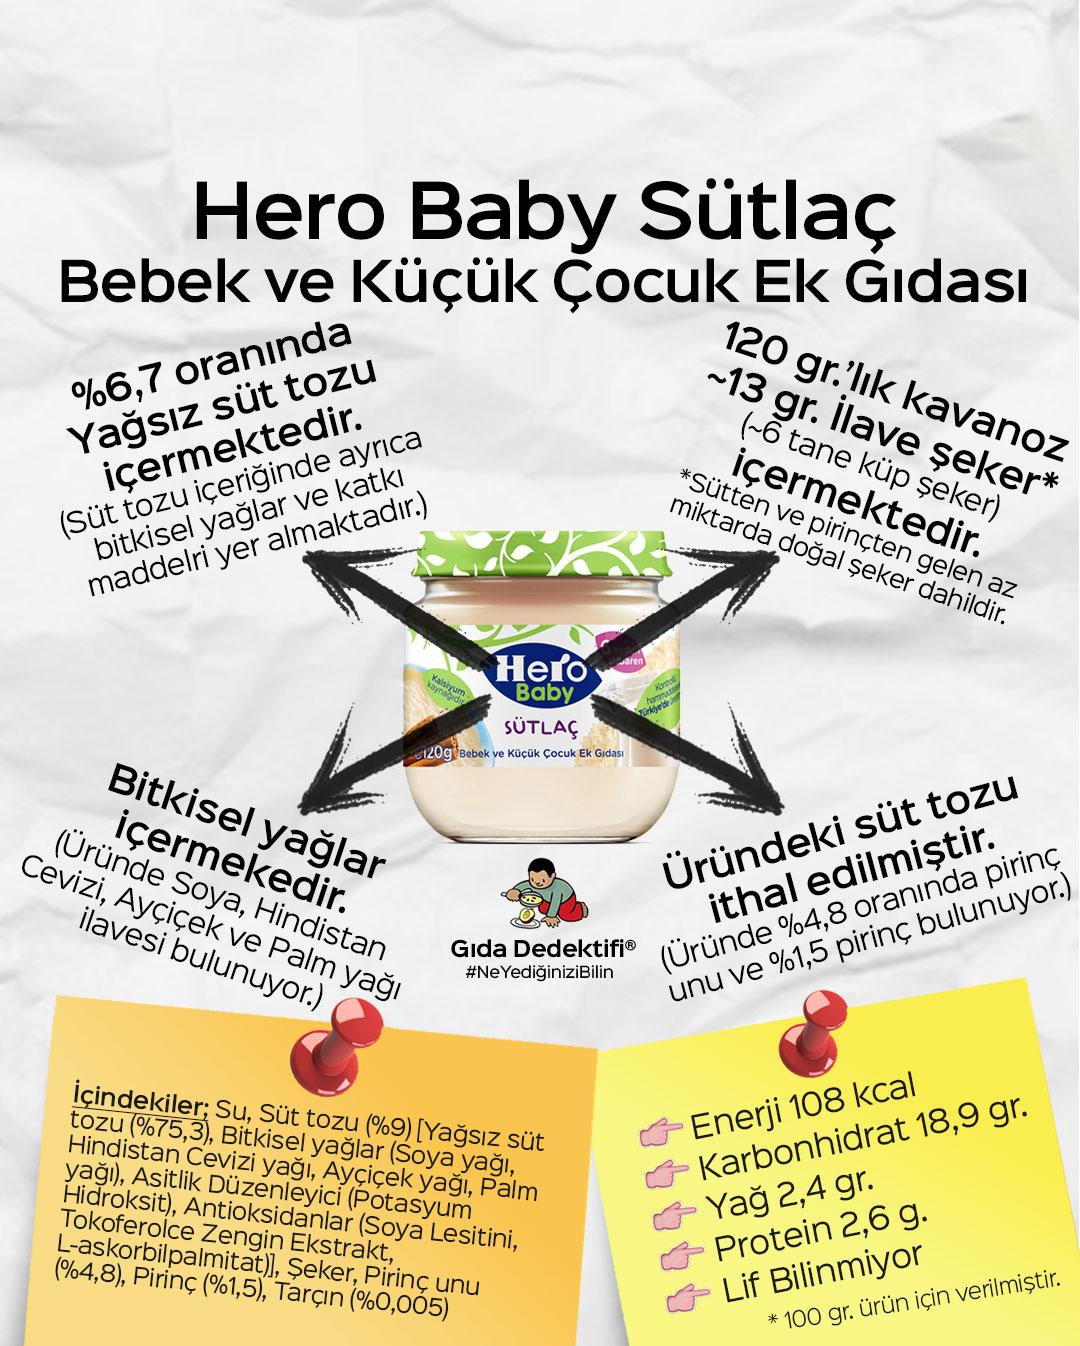 Hero Baby Sütlaç - Gıda Dedektifi